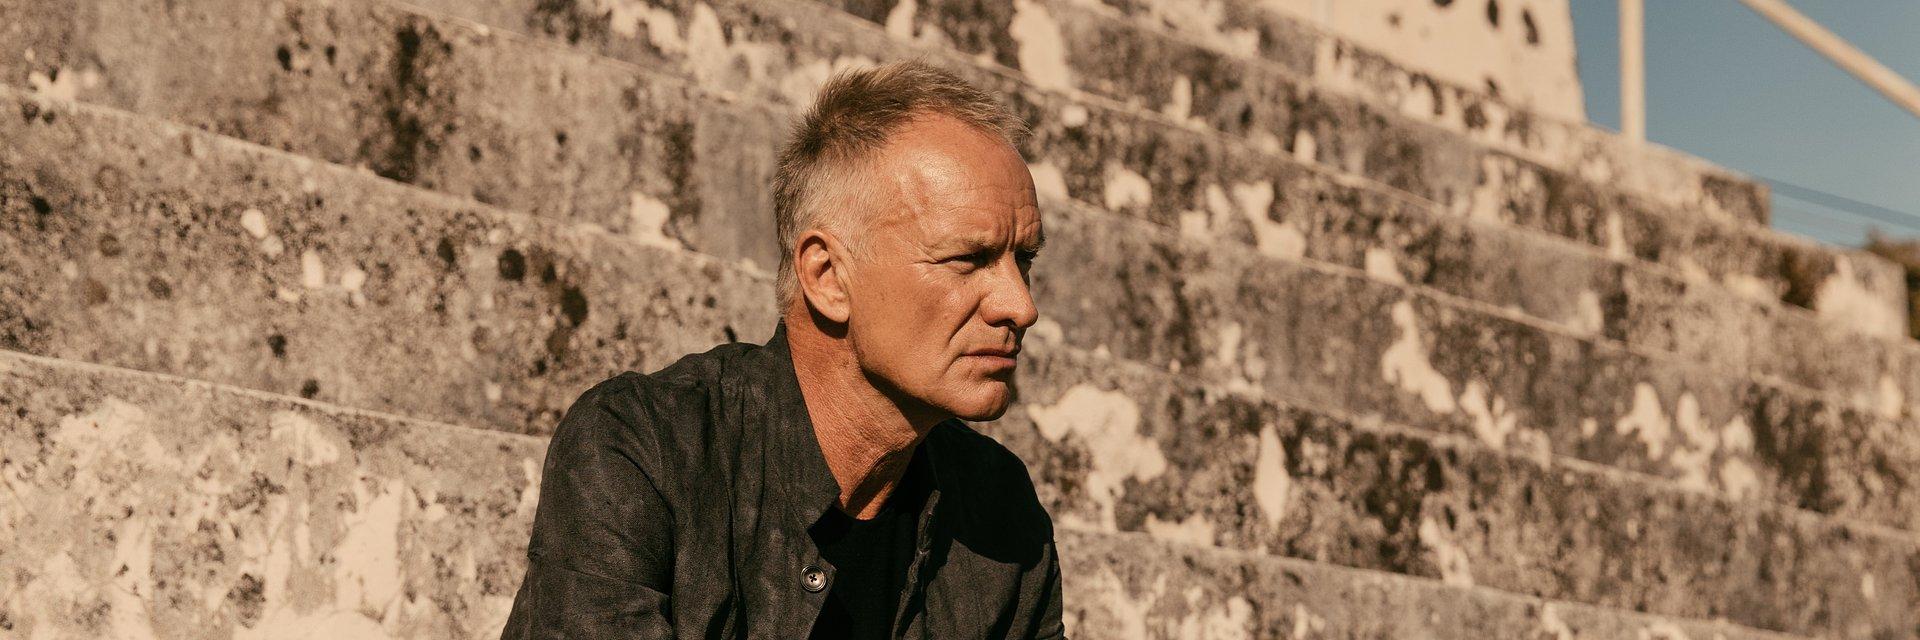 """Sting przedstawia drugą piosenkę z albumu """"The Bridge"""""""